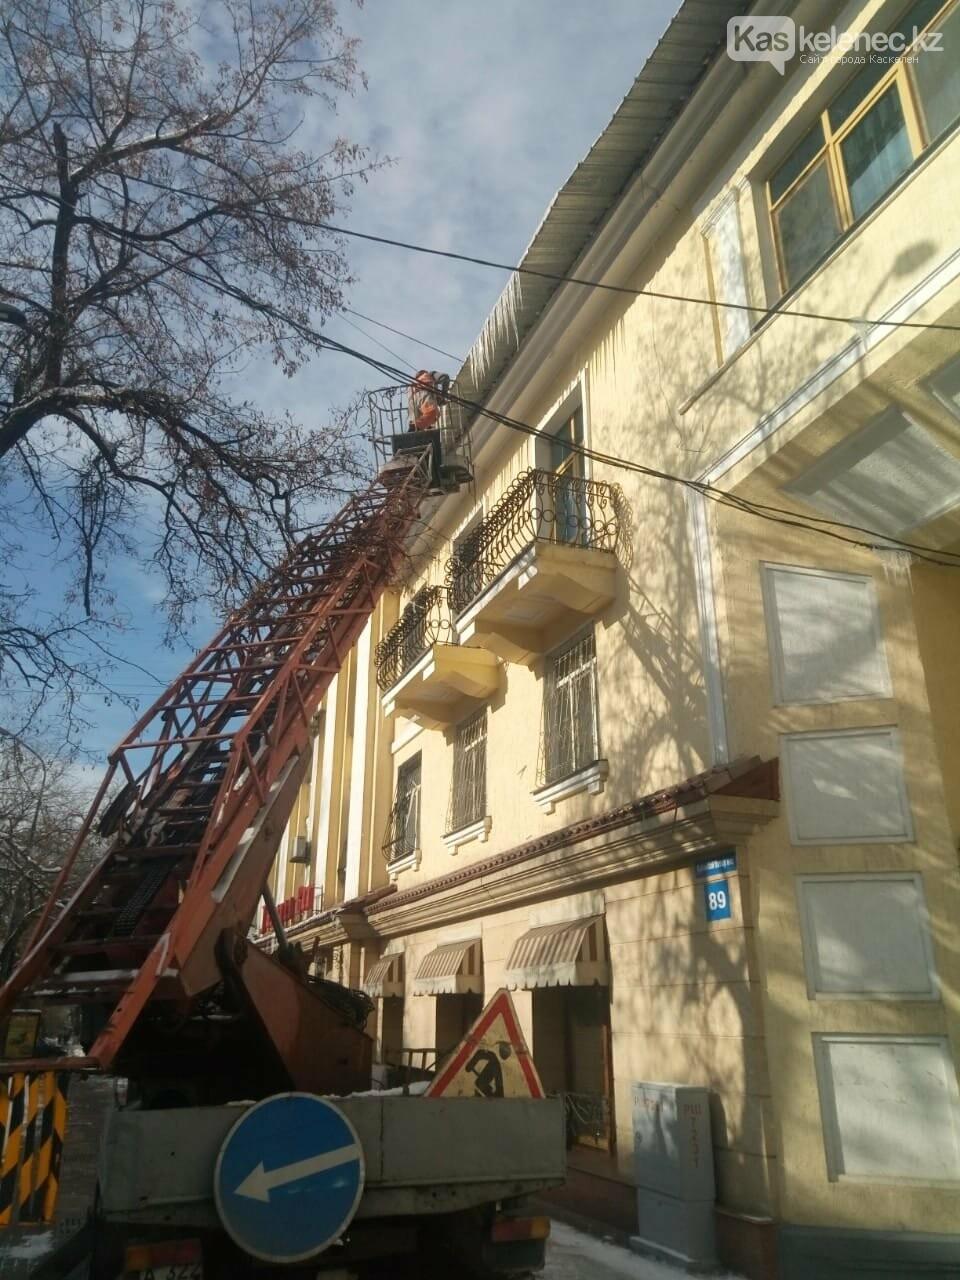 133 КСК Алматы привлечены к административной ответственности, фото-3